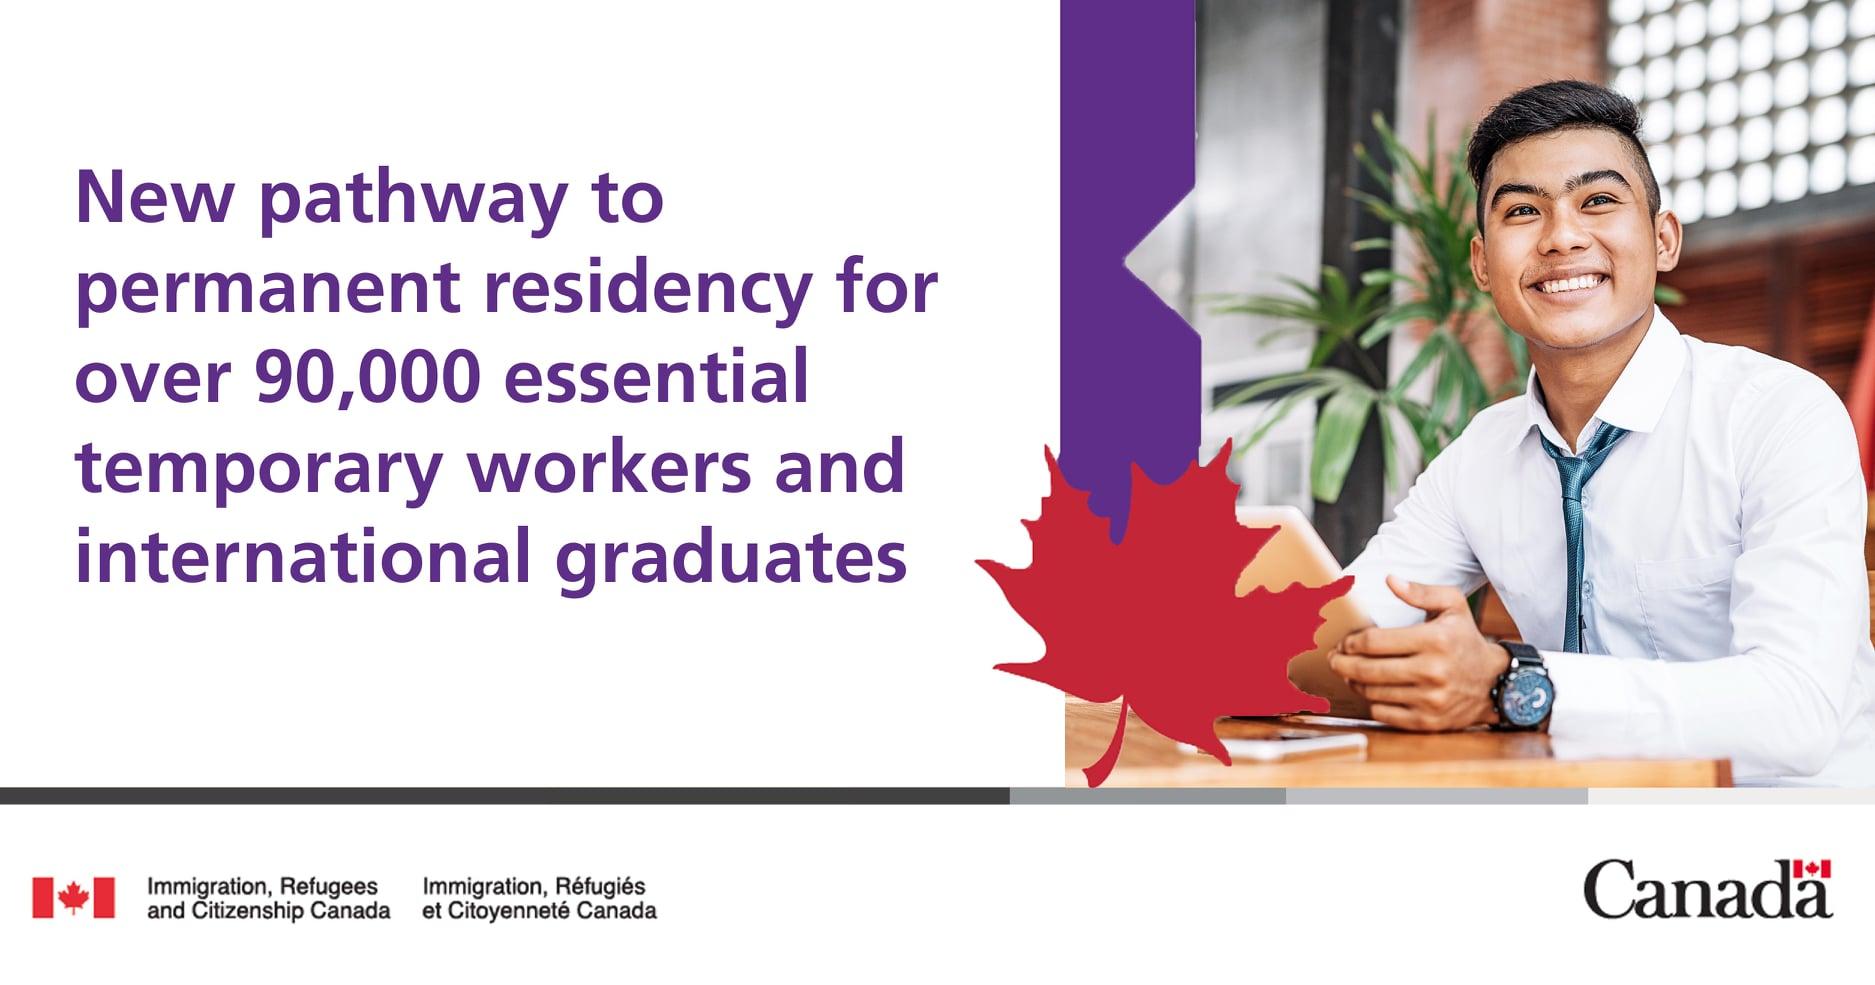 永住権 90,000人以上の必須の労働者と卒業生のための新しい道